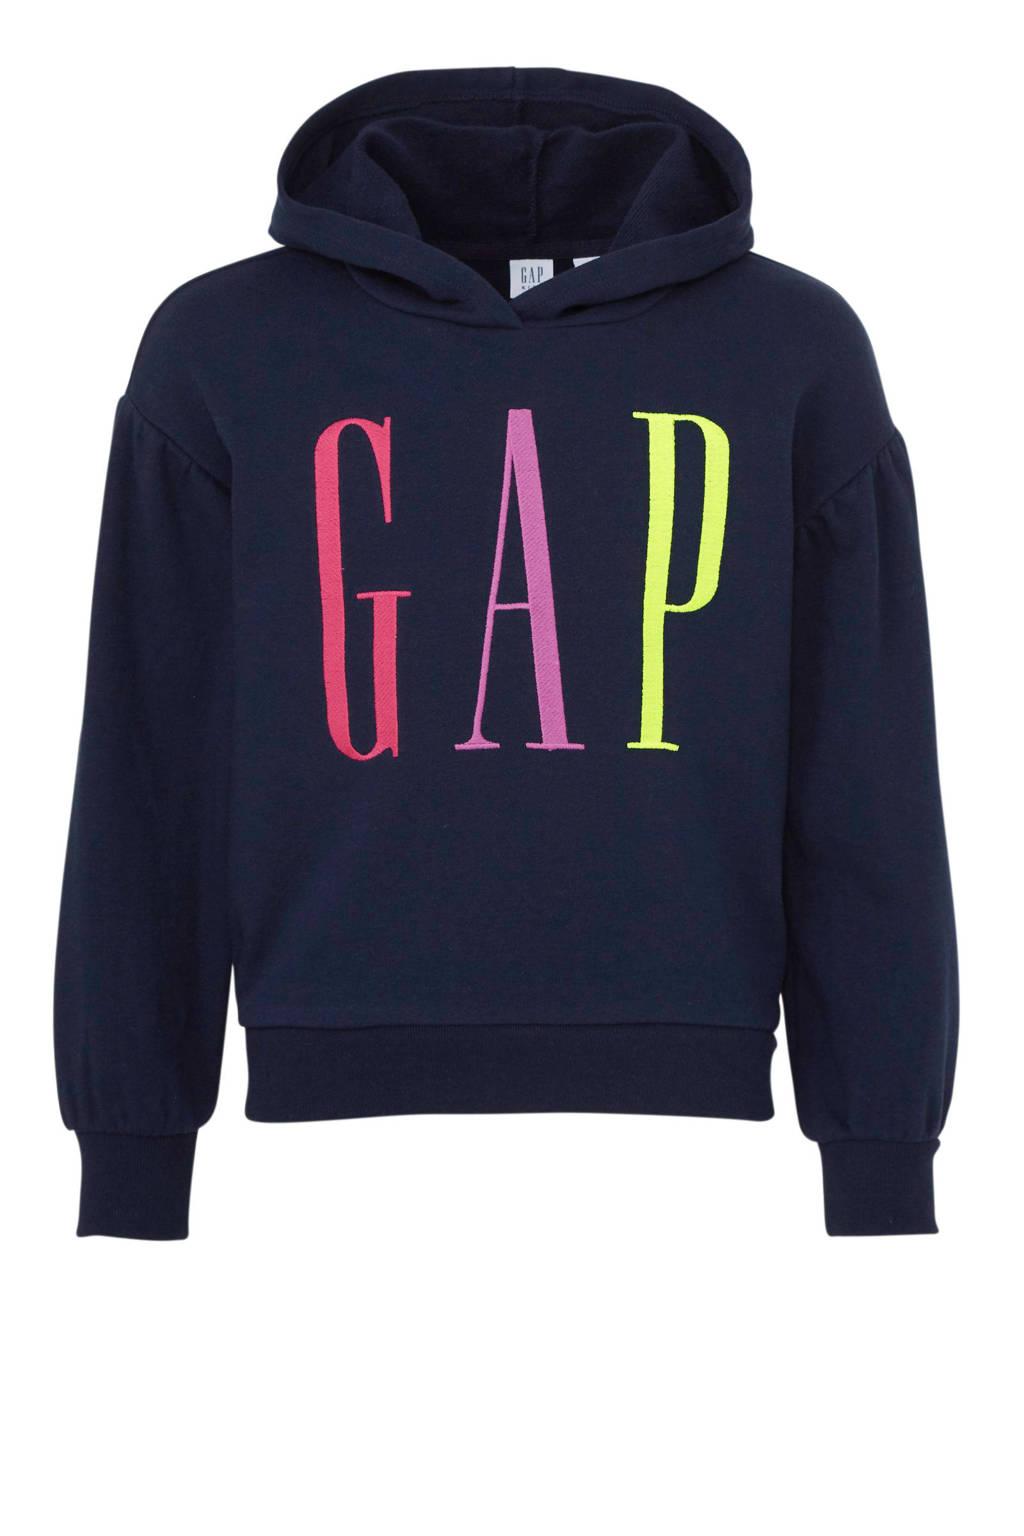 GAP hoodie met logo donkerblauw, Donkerblauw